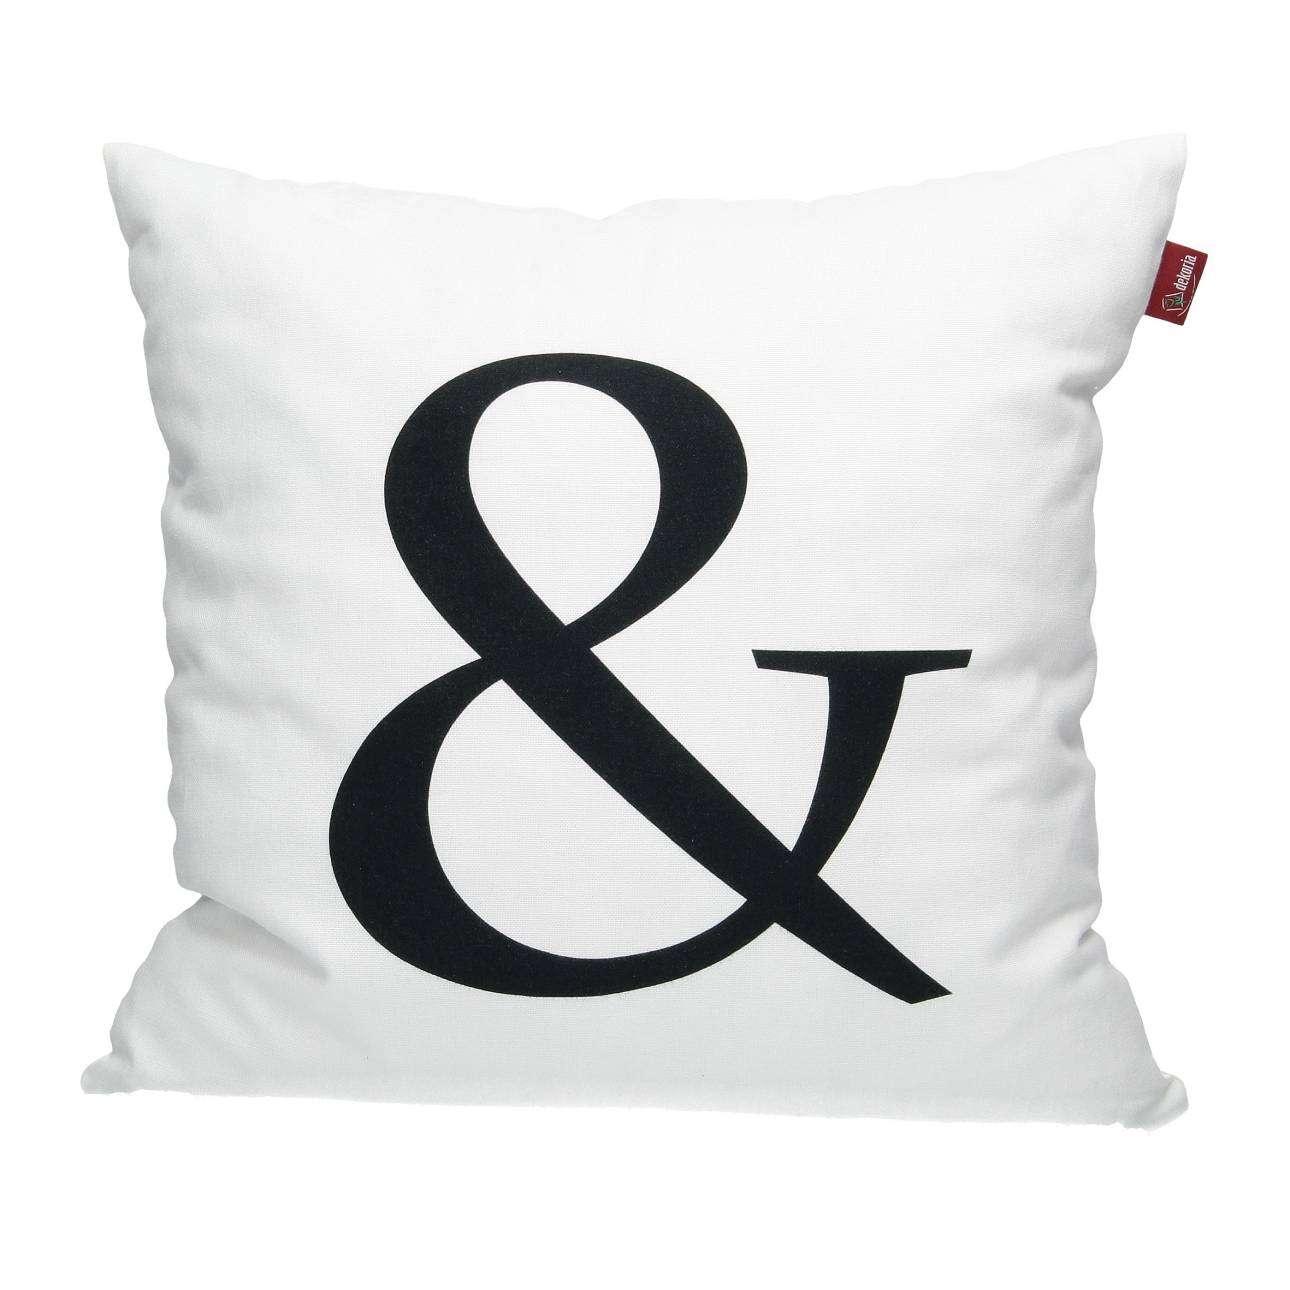 & Print Cushion Cover 45x45cm